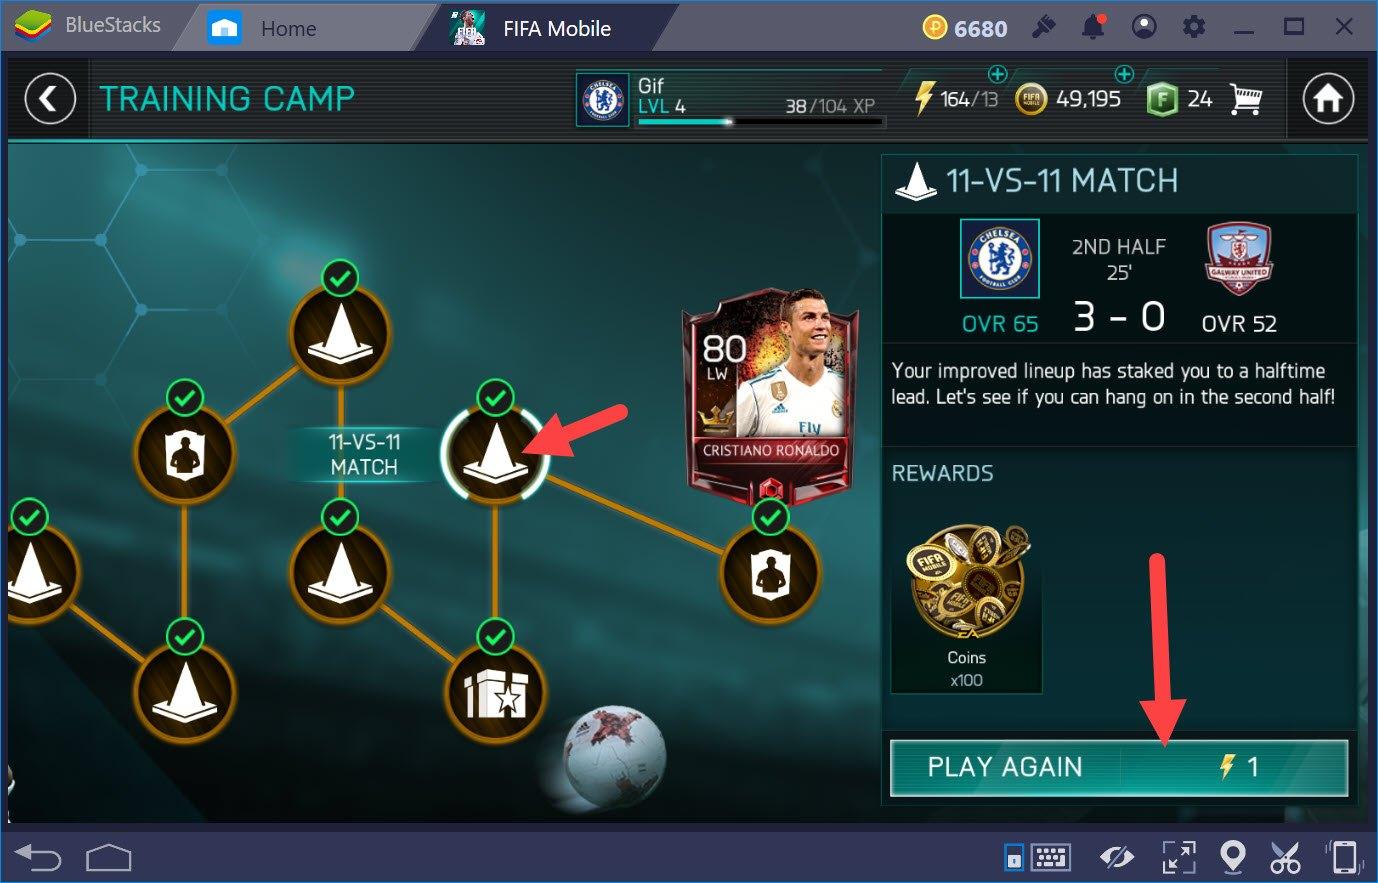 Tìm hiểu chế độ mới World Cup 2018 trong FIFA Mobile